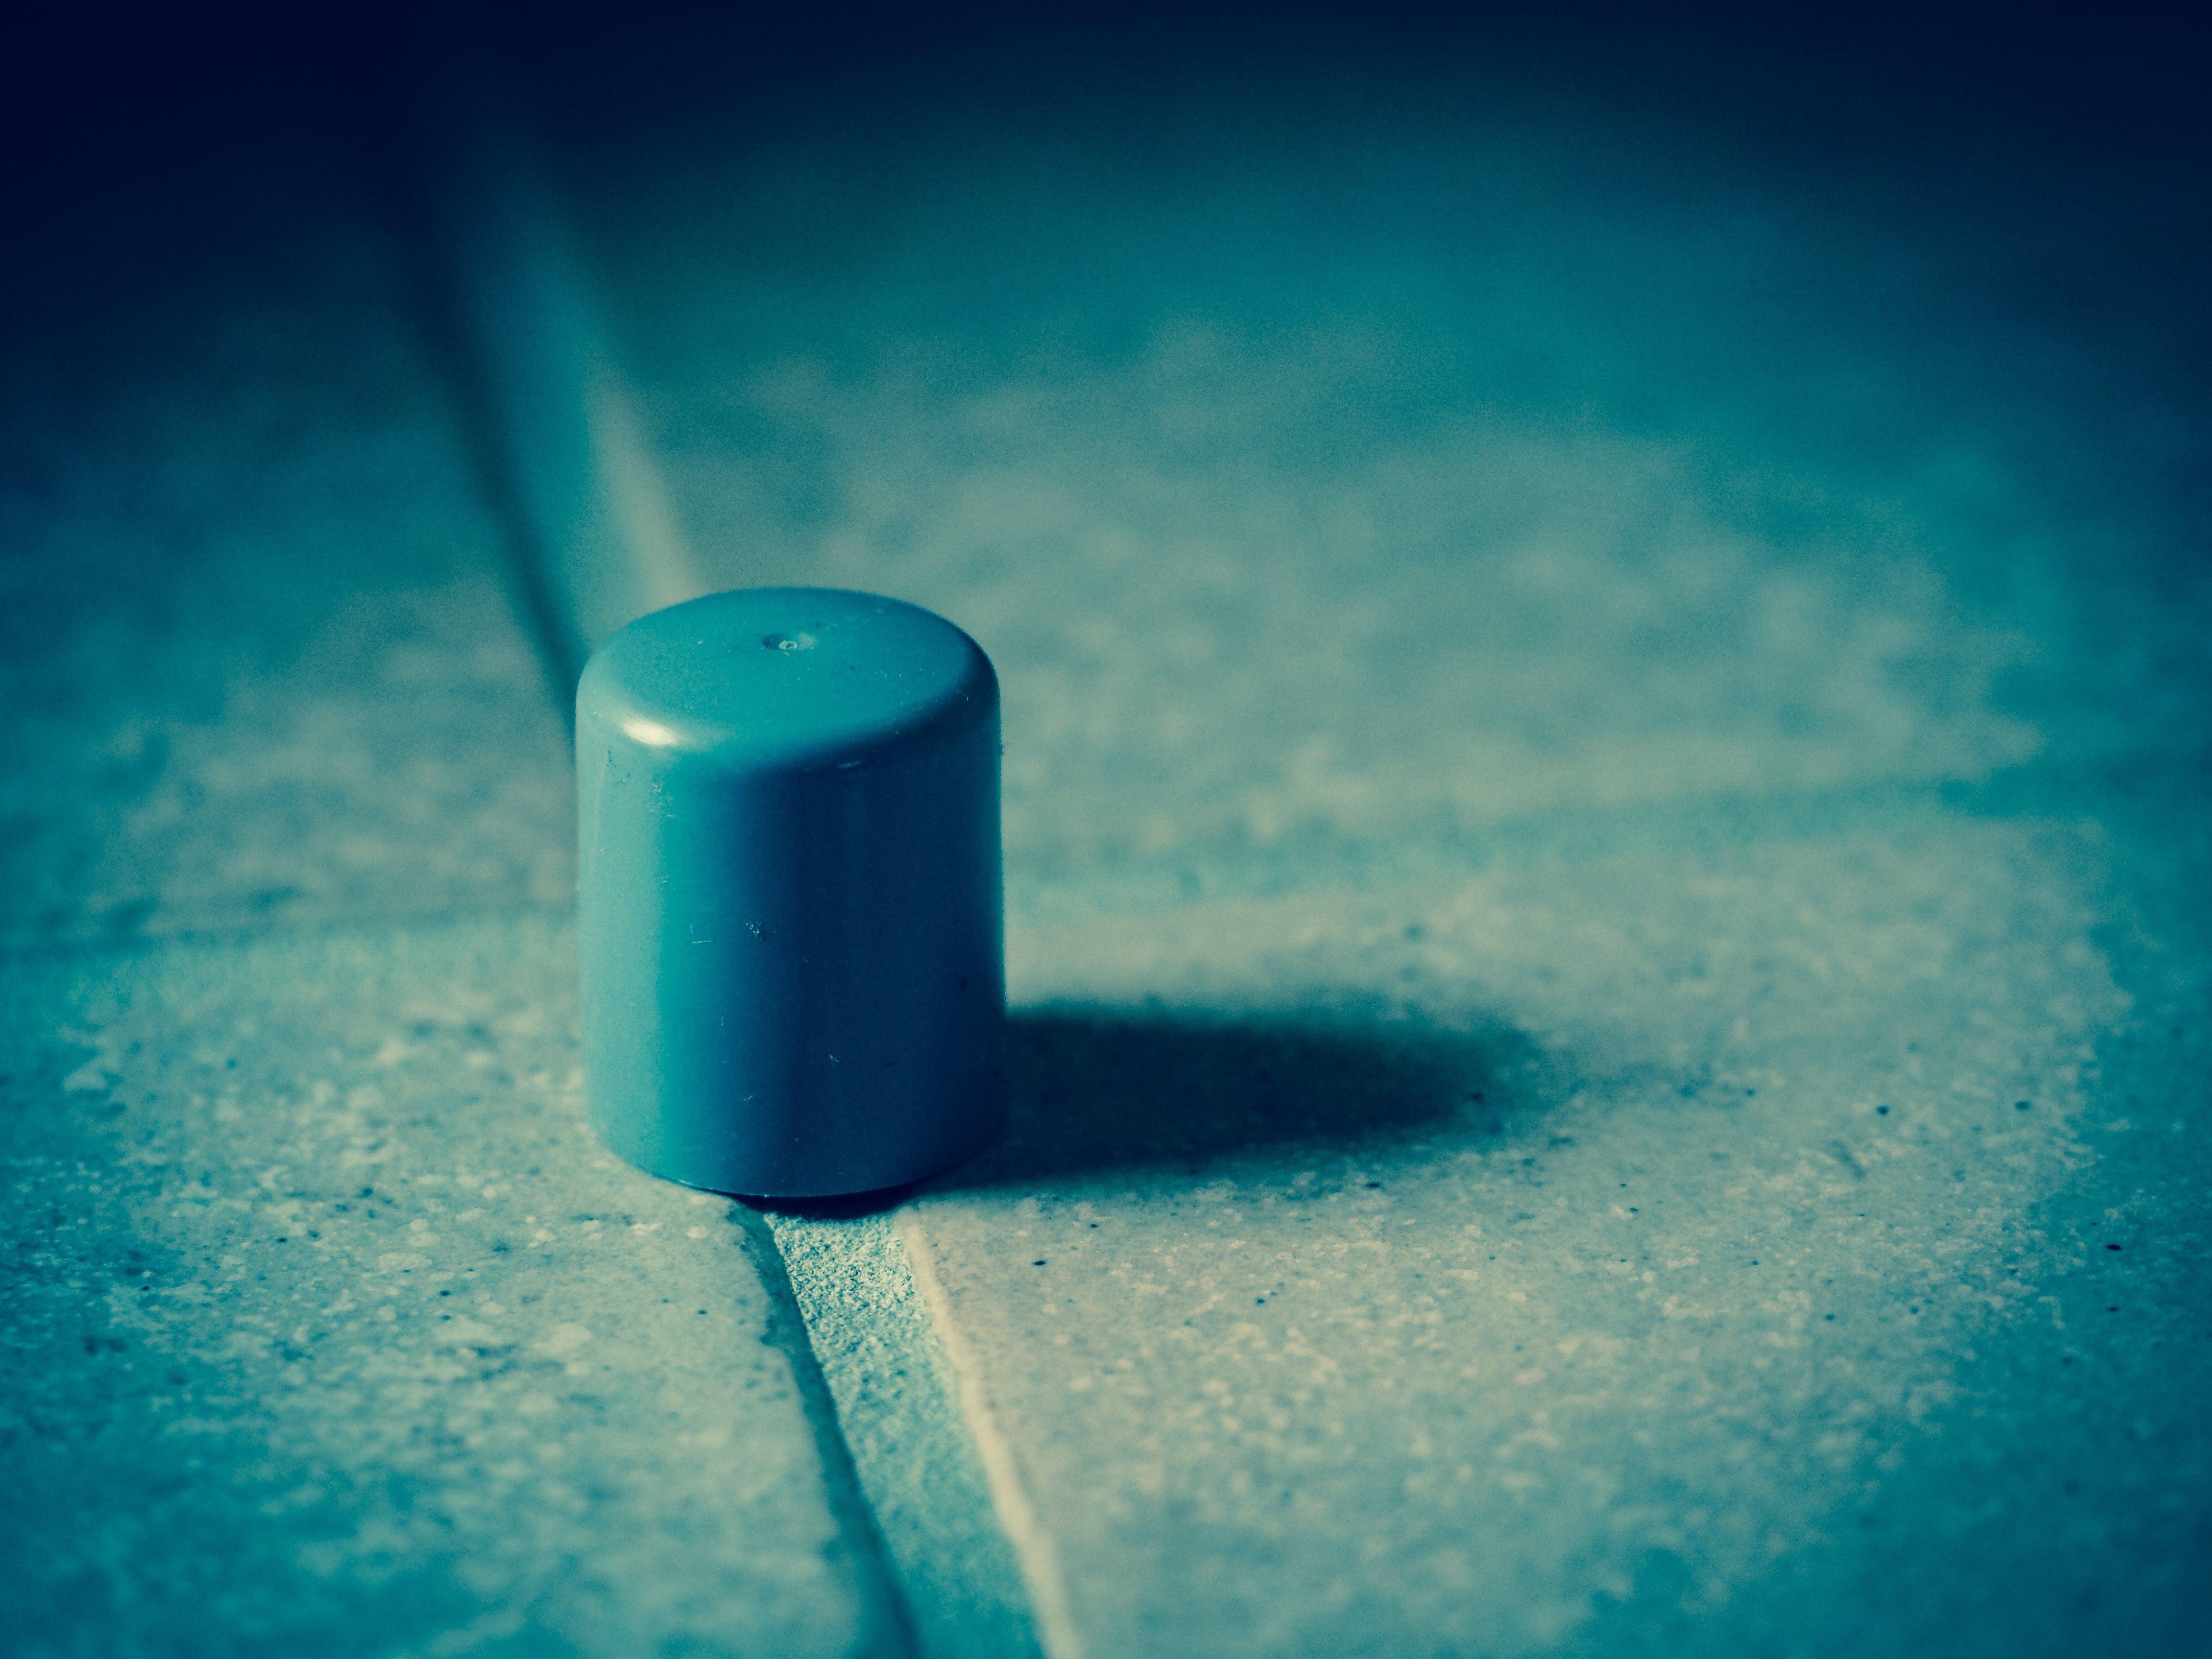 Gray Plastic Cap on Concrete Surface